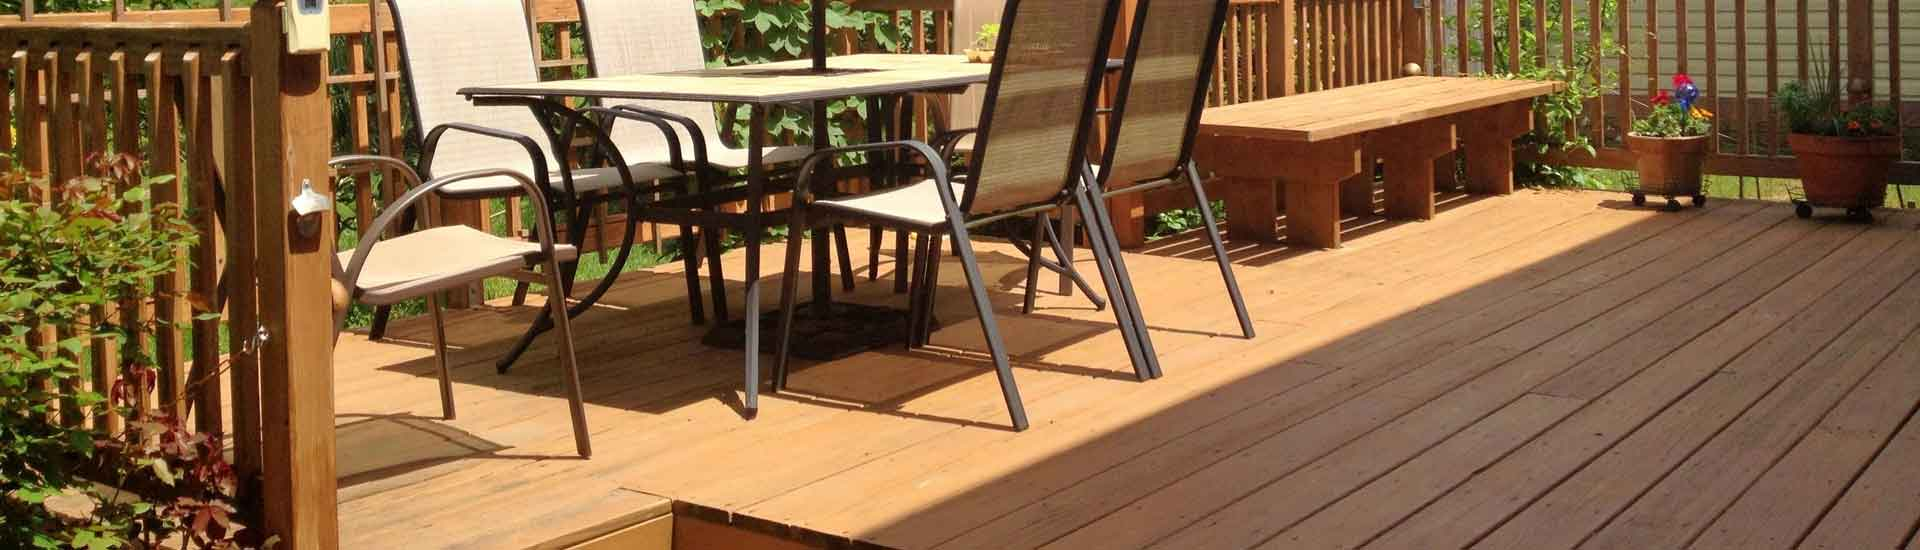 La terrasse en bois exotique pour votre extérieur